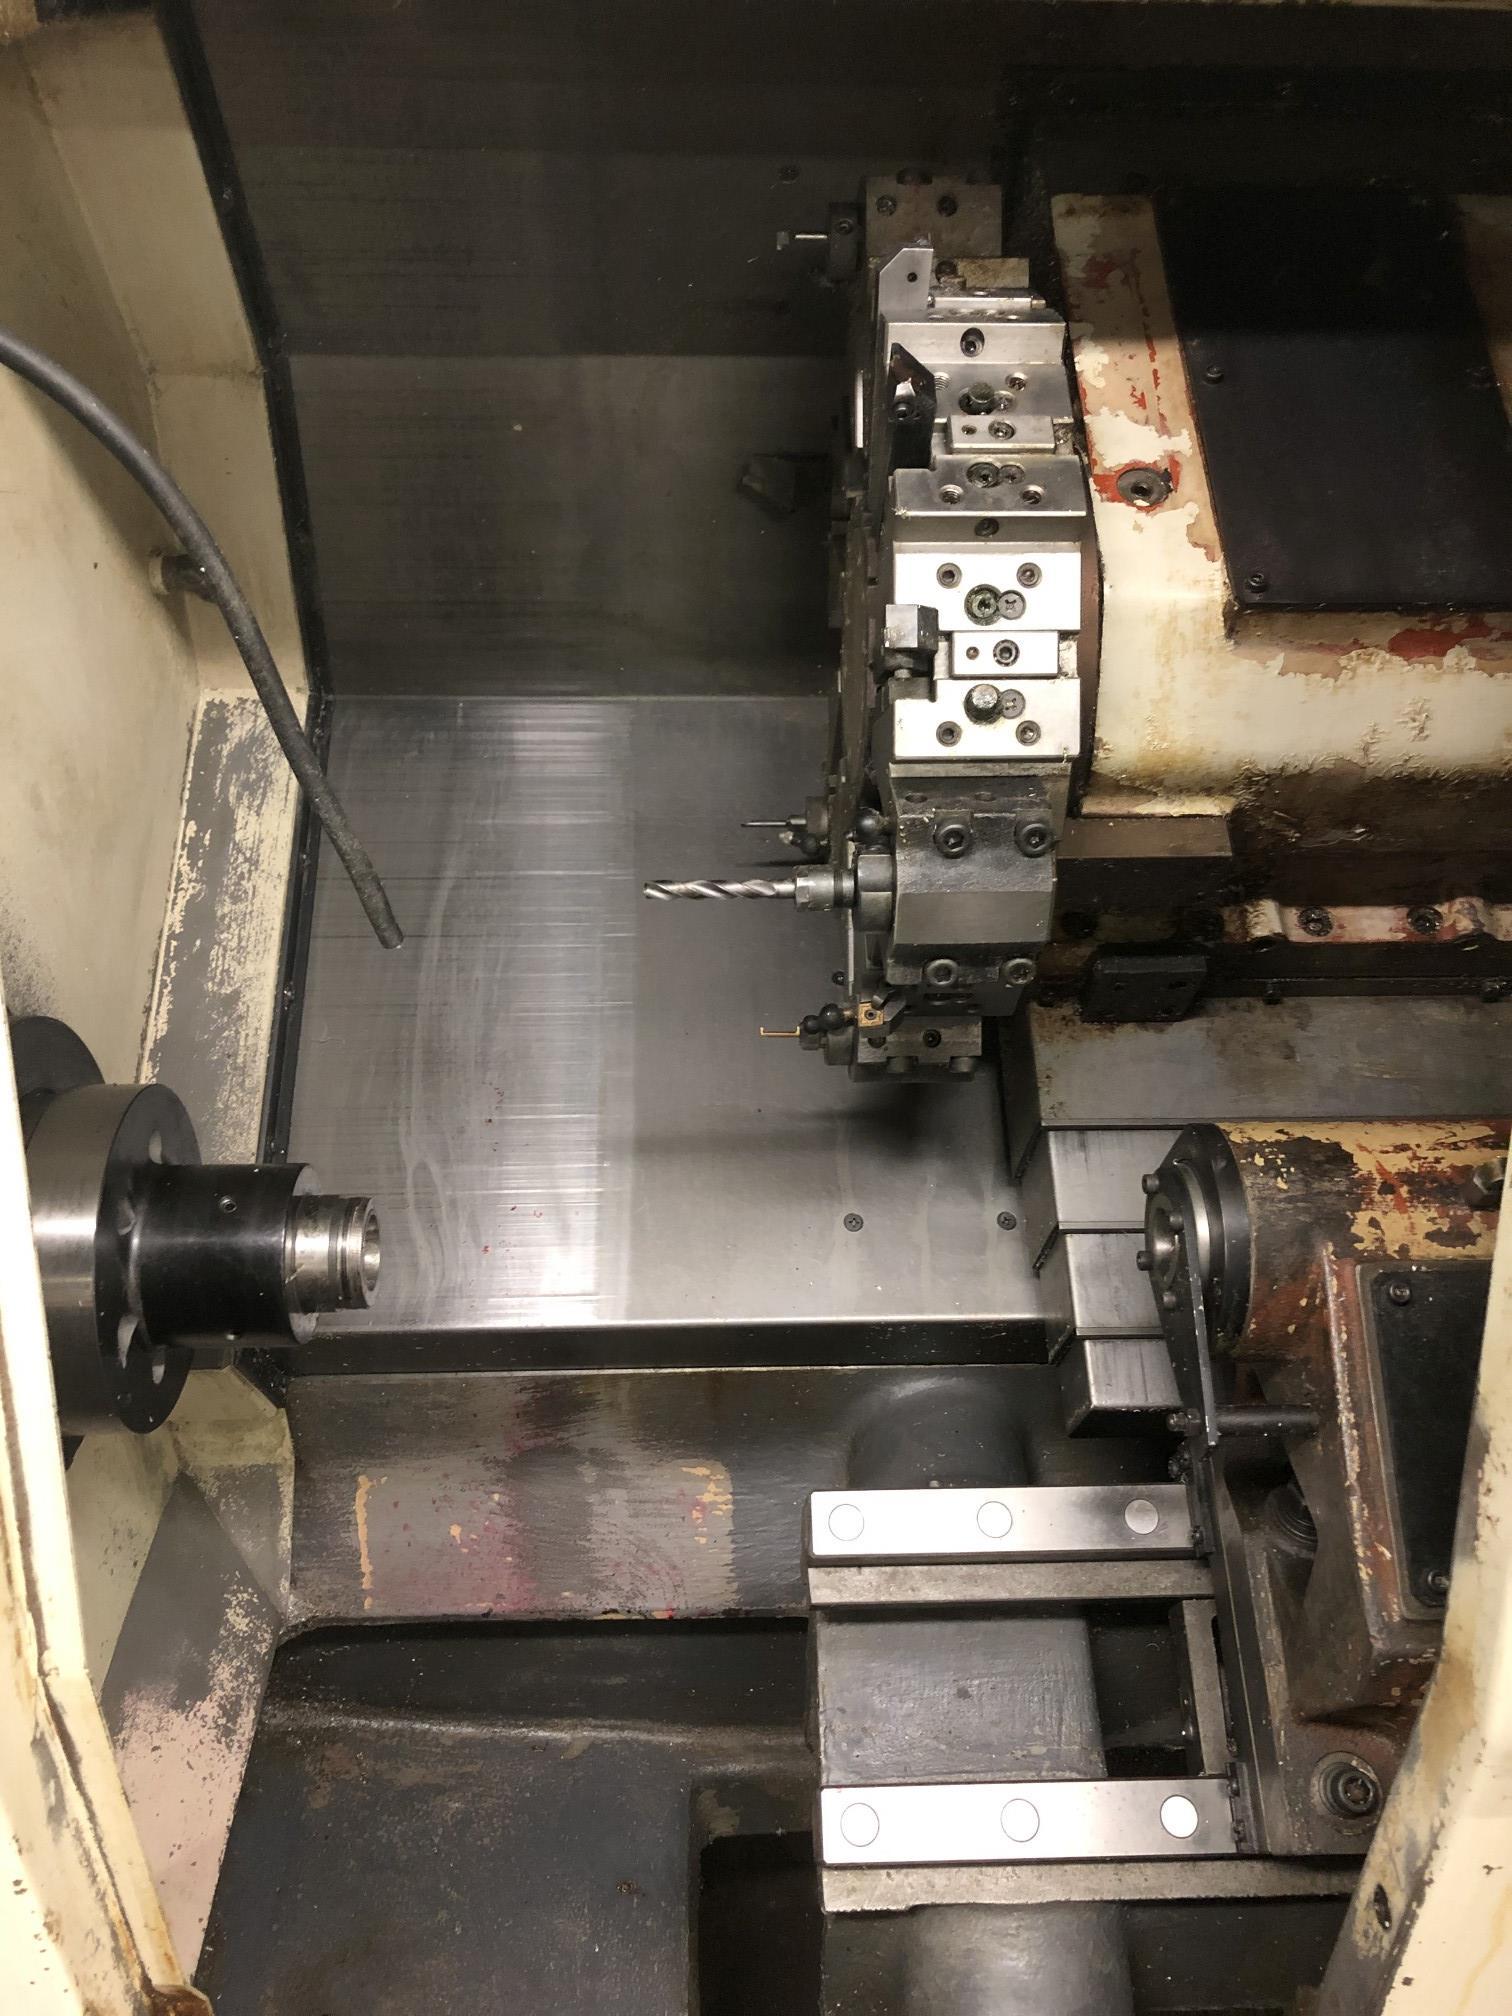 2006 Takisawa EX-106 CNC Lathe - Image 2 of 11